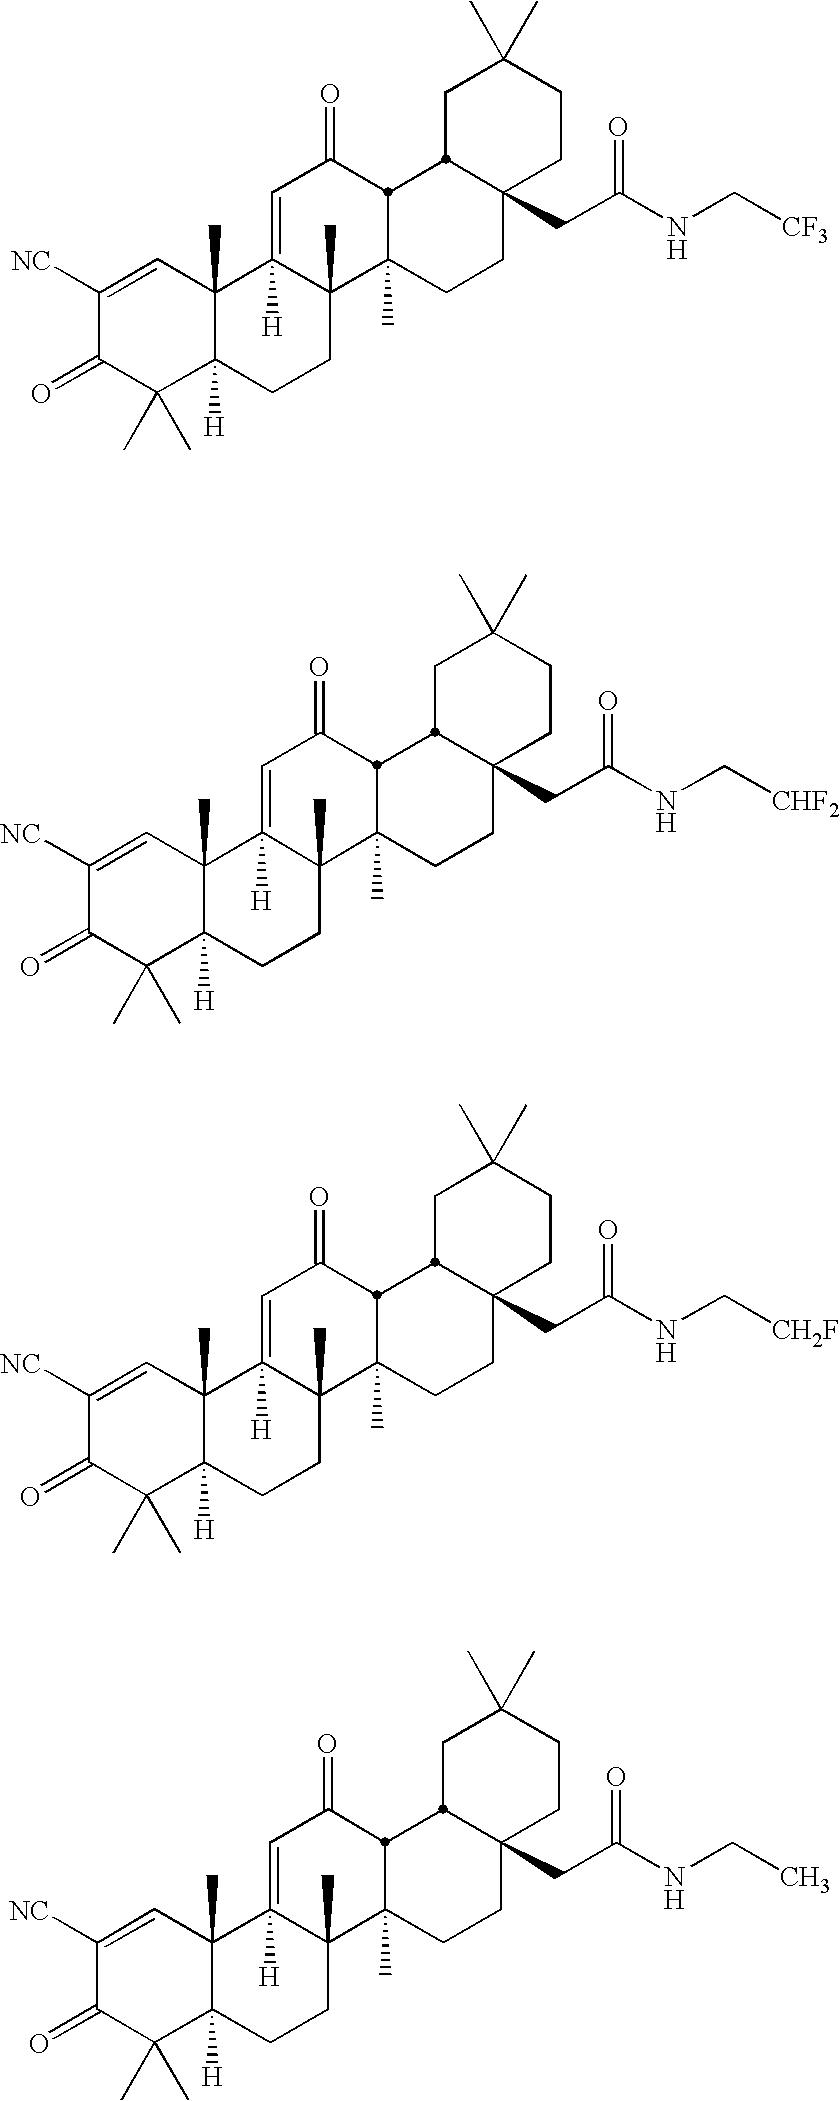 Figure US20100041904A1-20100218-C00025